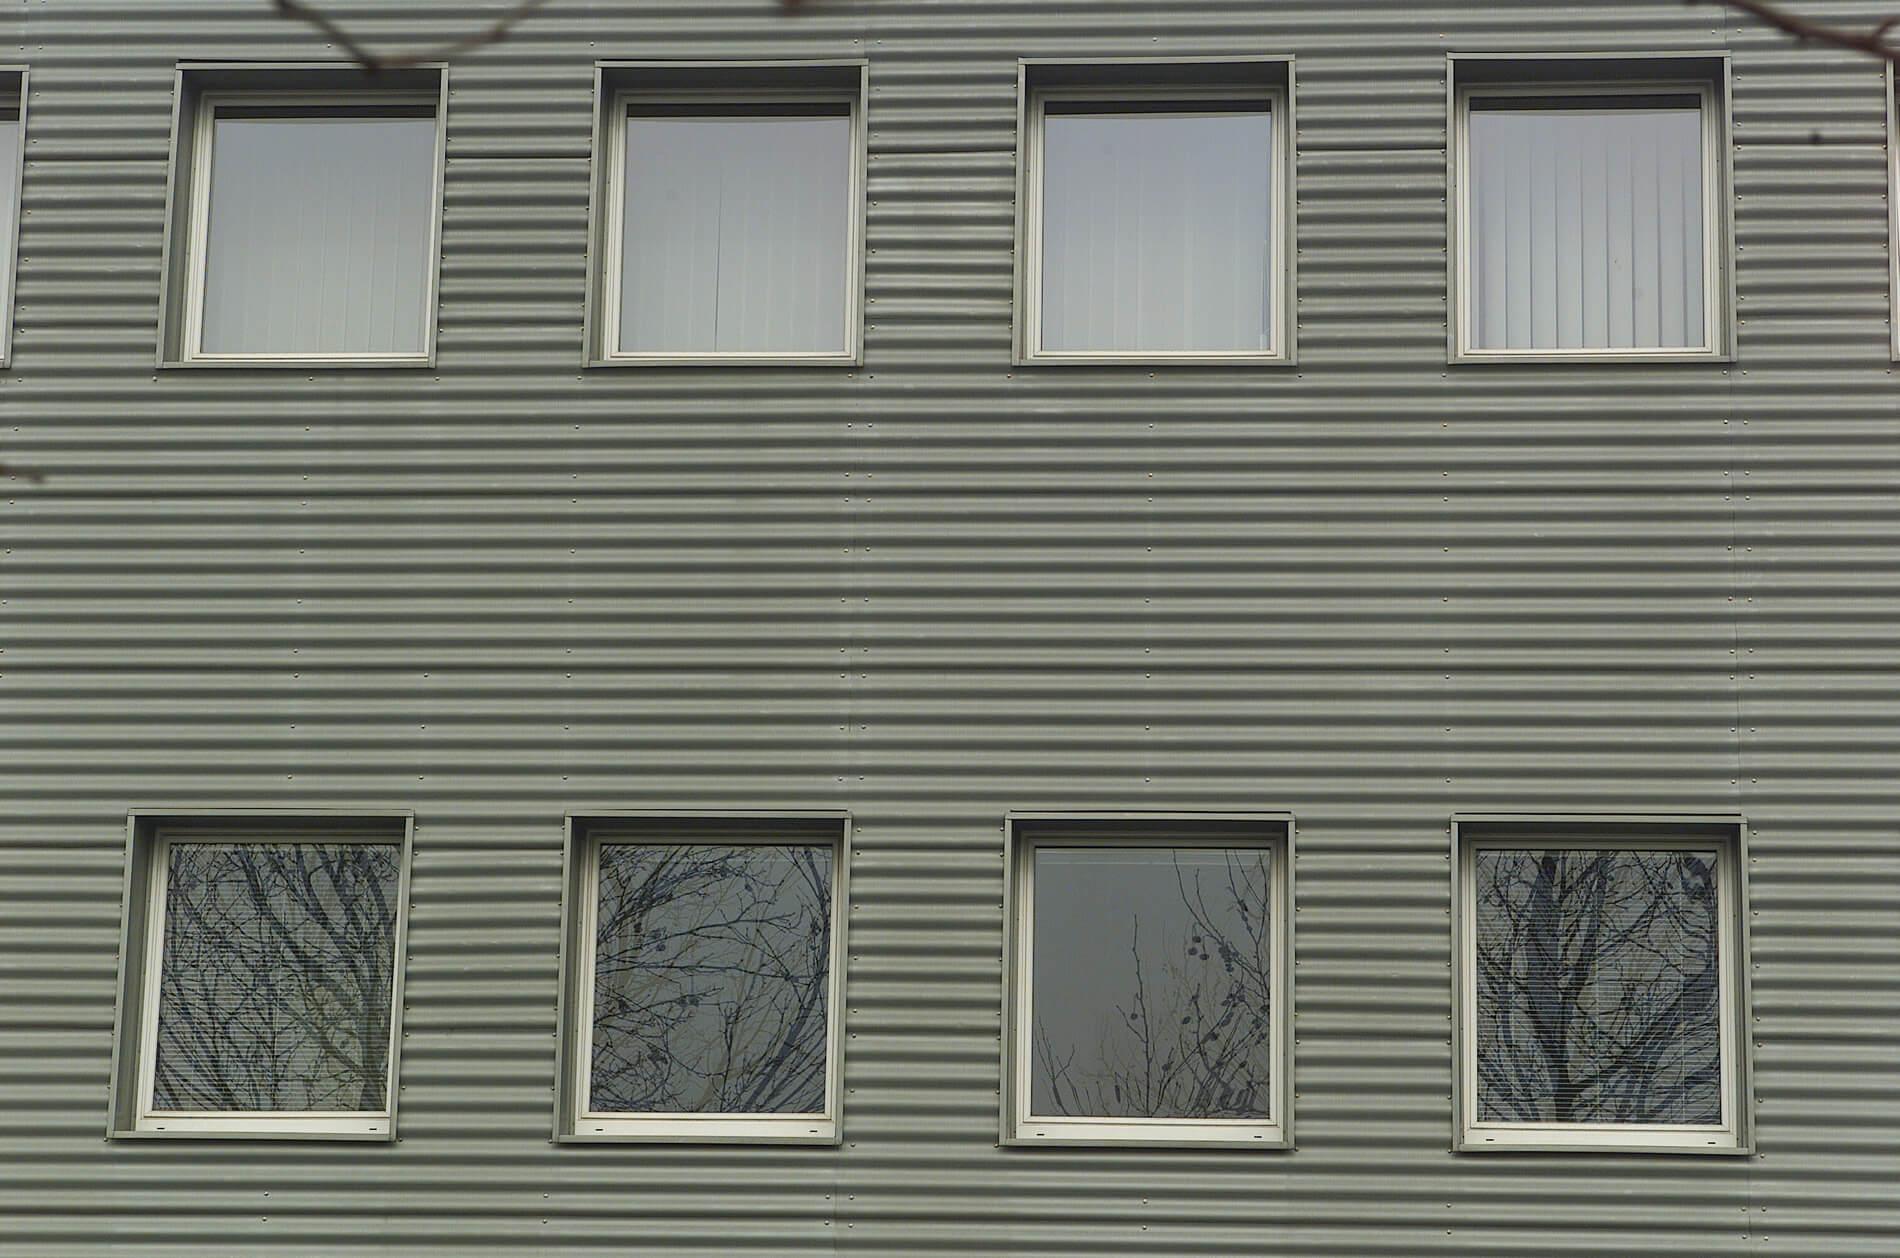 Fenster mit Sicherheitsglas